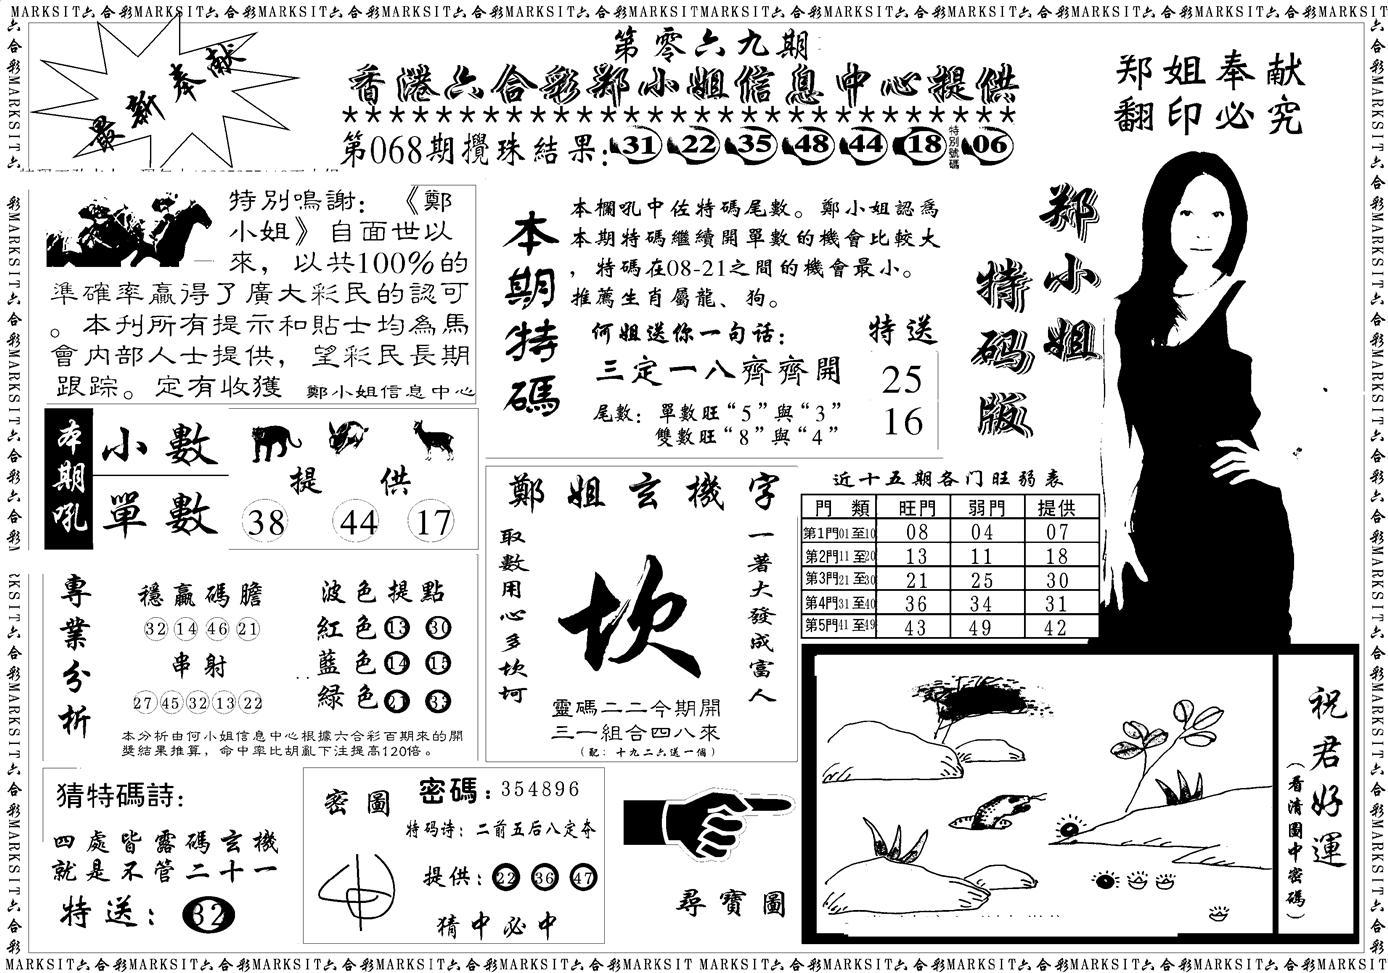 069期郑小姐特码报A(黑白)